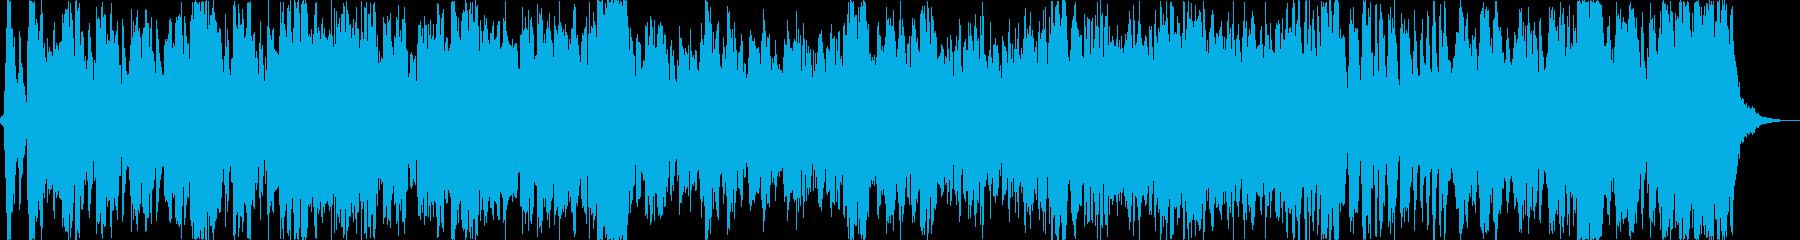 映画・ゲーム用バトルBGM10_Longの再生済みの波形